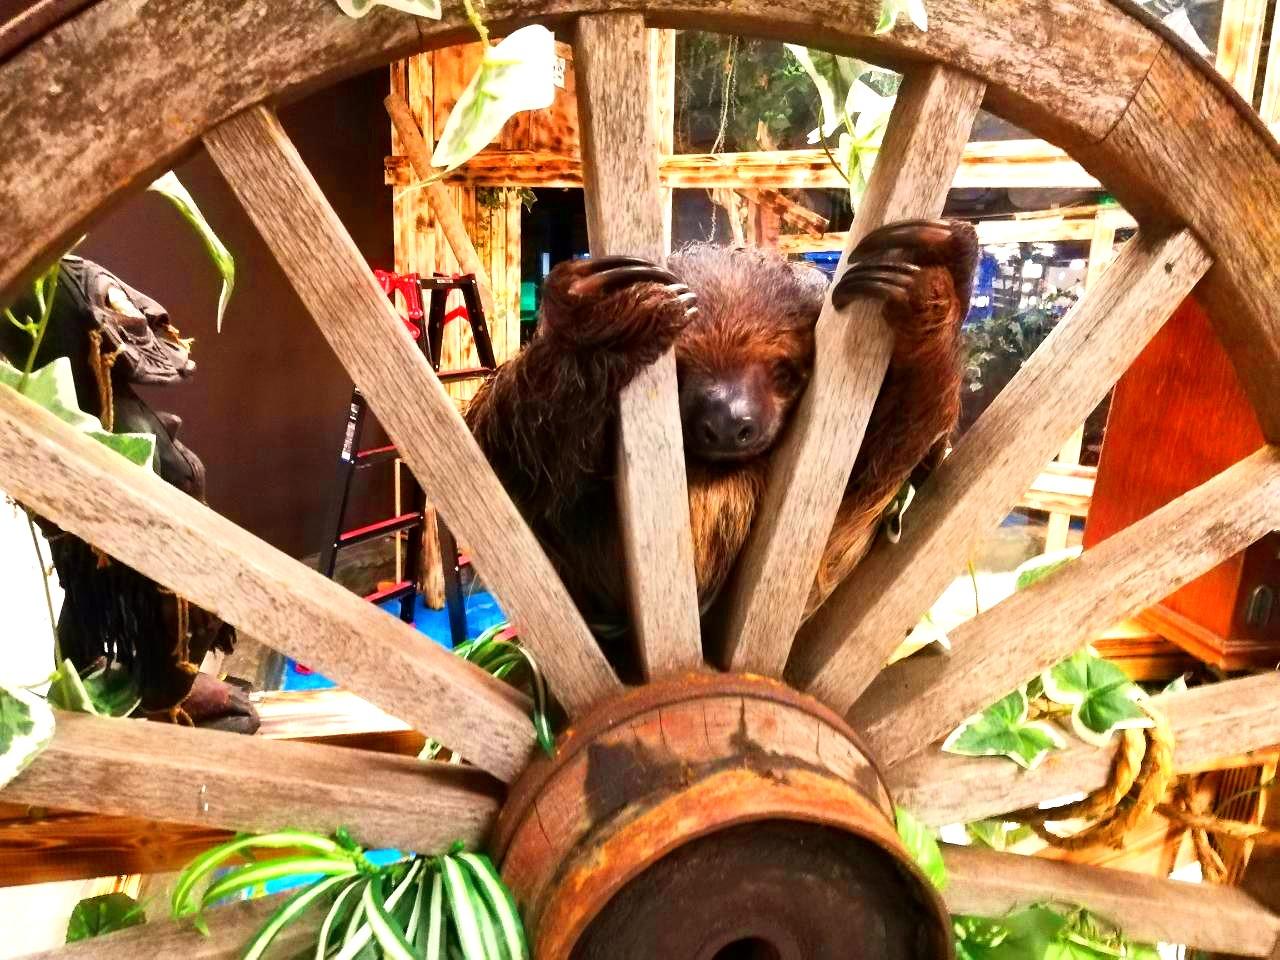 保護動物カフェねこのす2階はジャングルに!